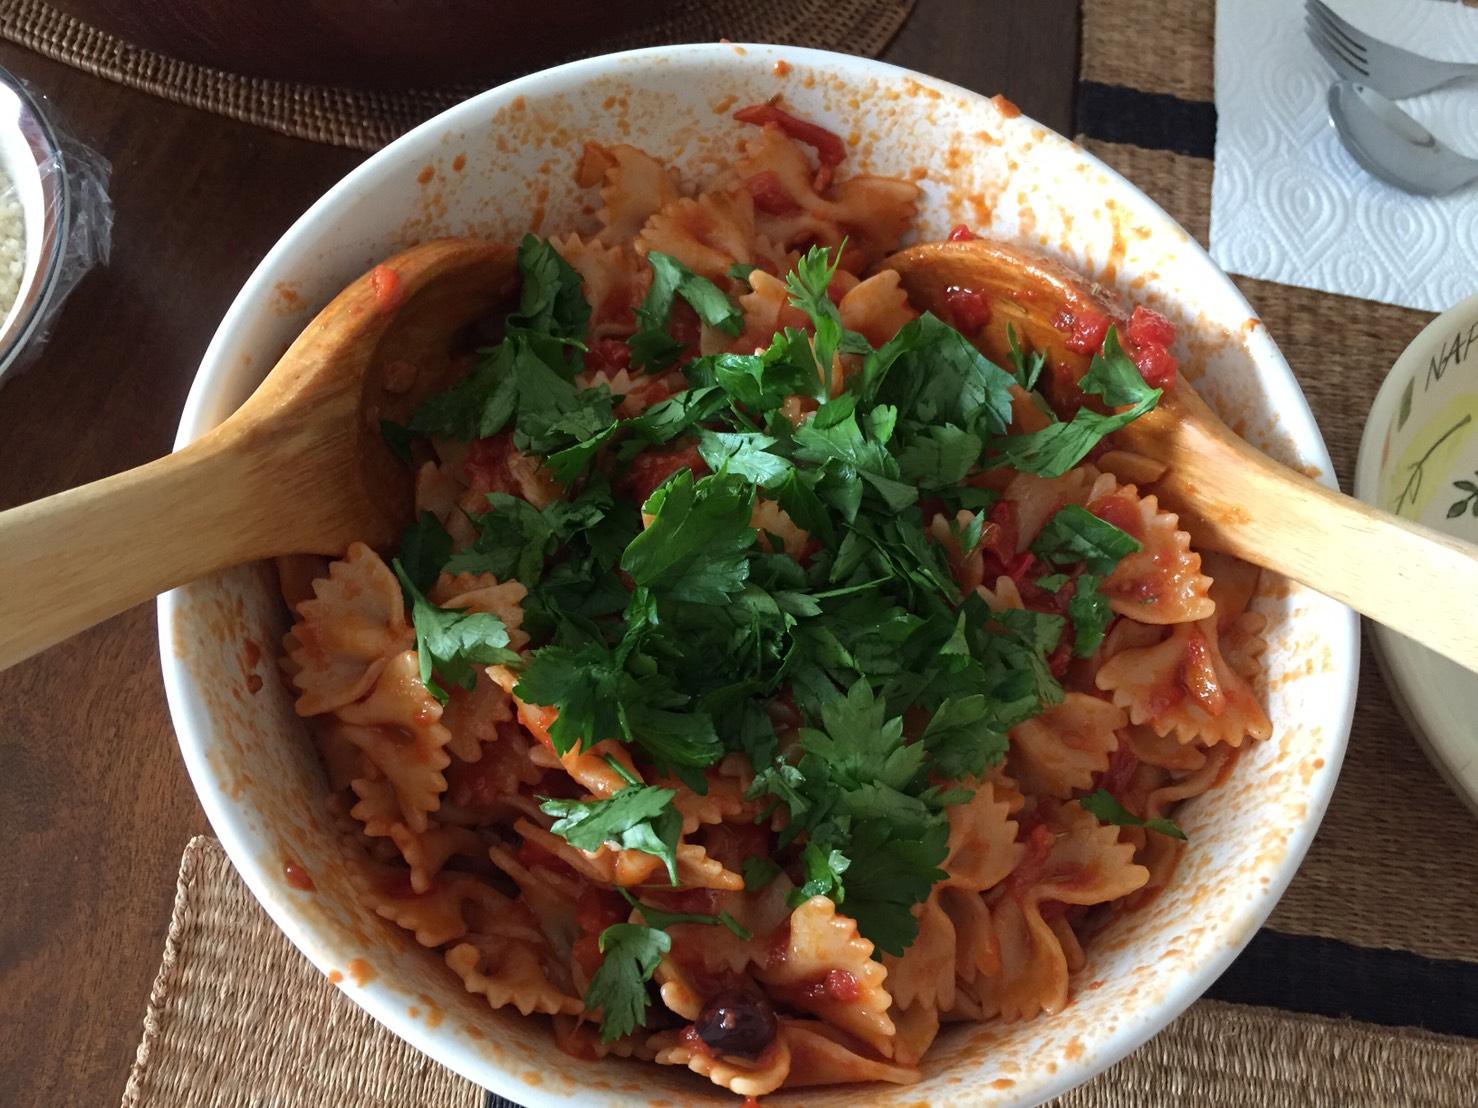 I Remember Nonna 15 (Tomato rosemary balsamic sauce)-s__7979014-jpg